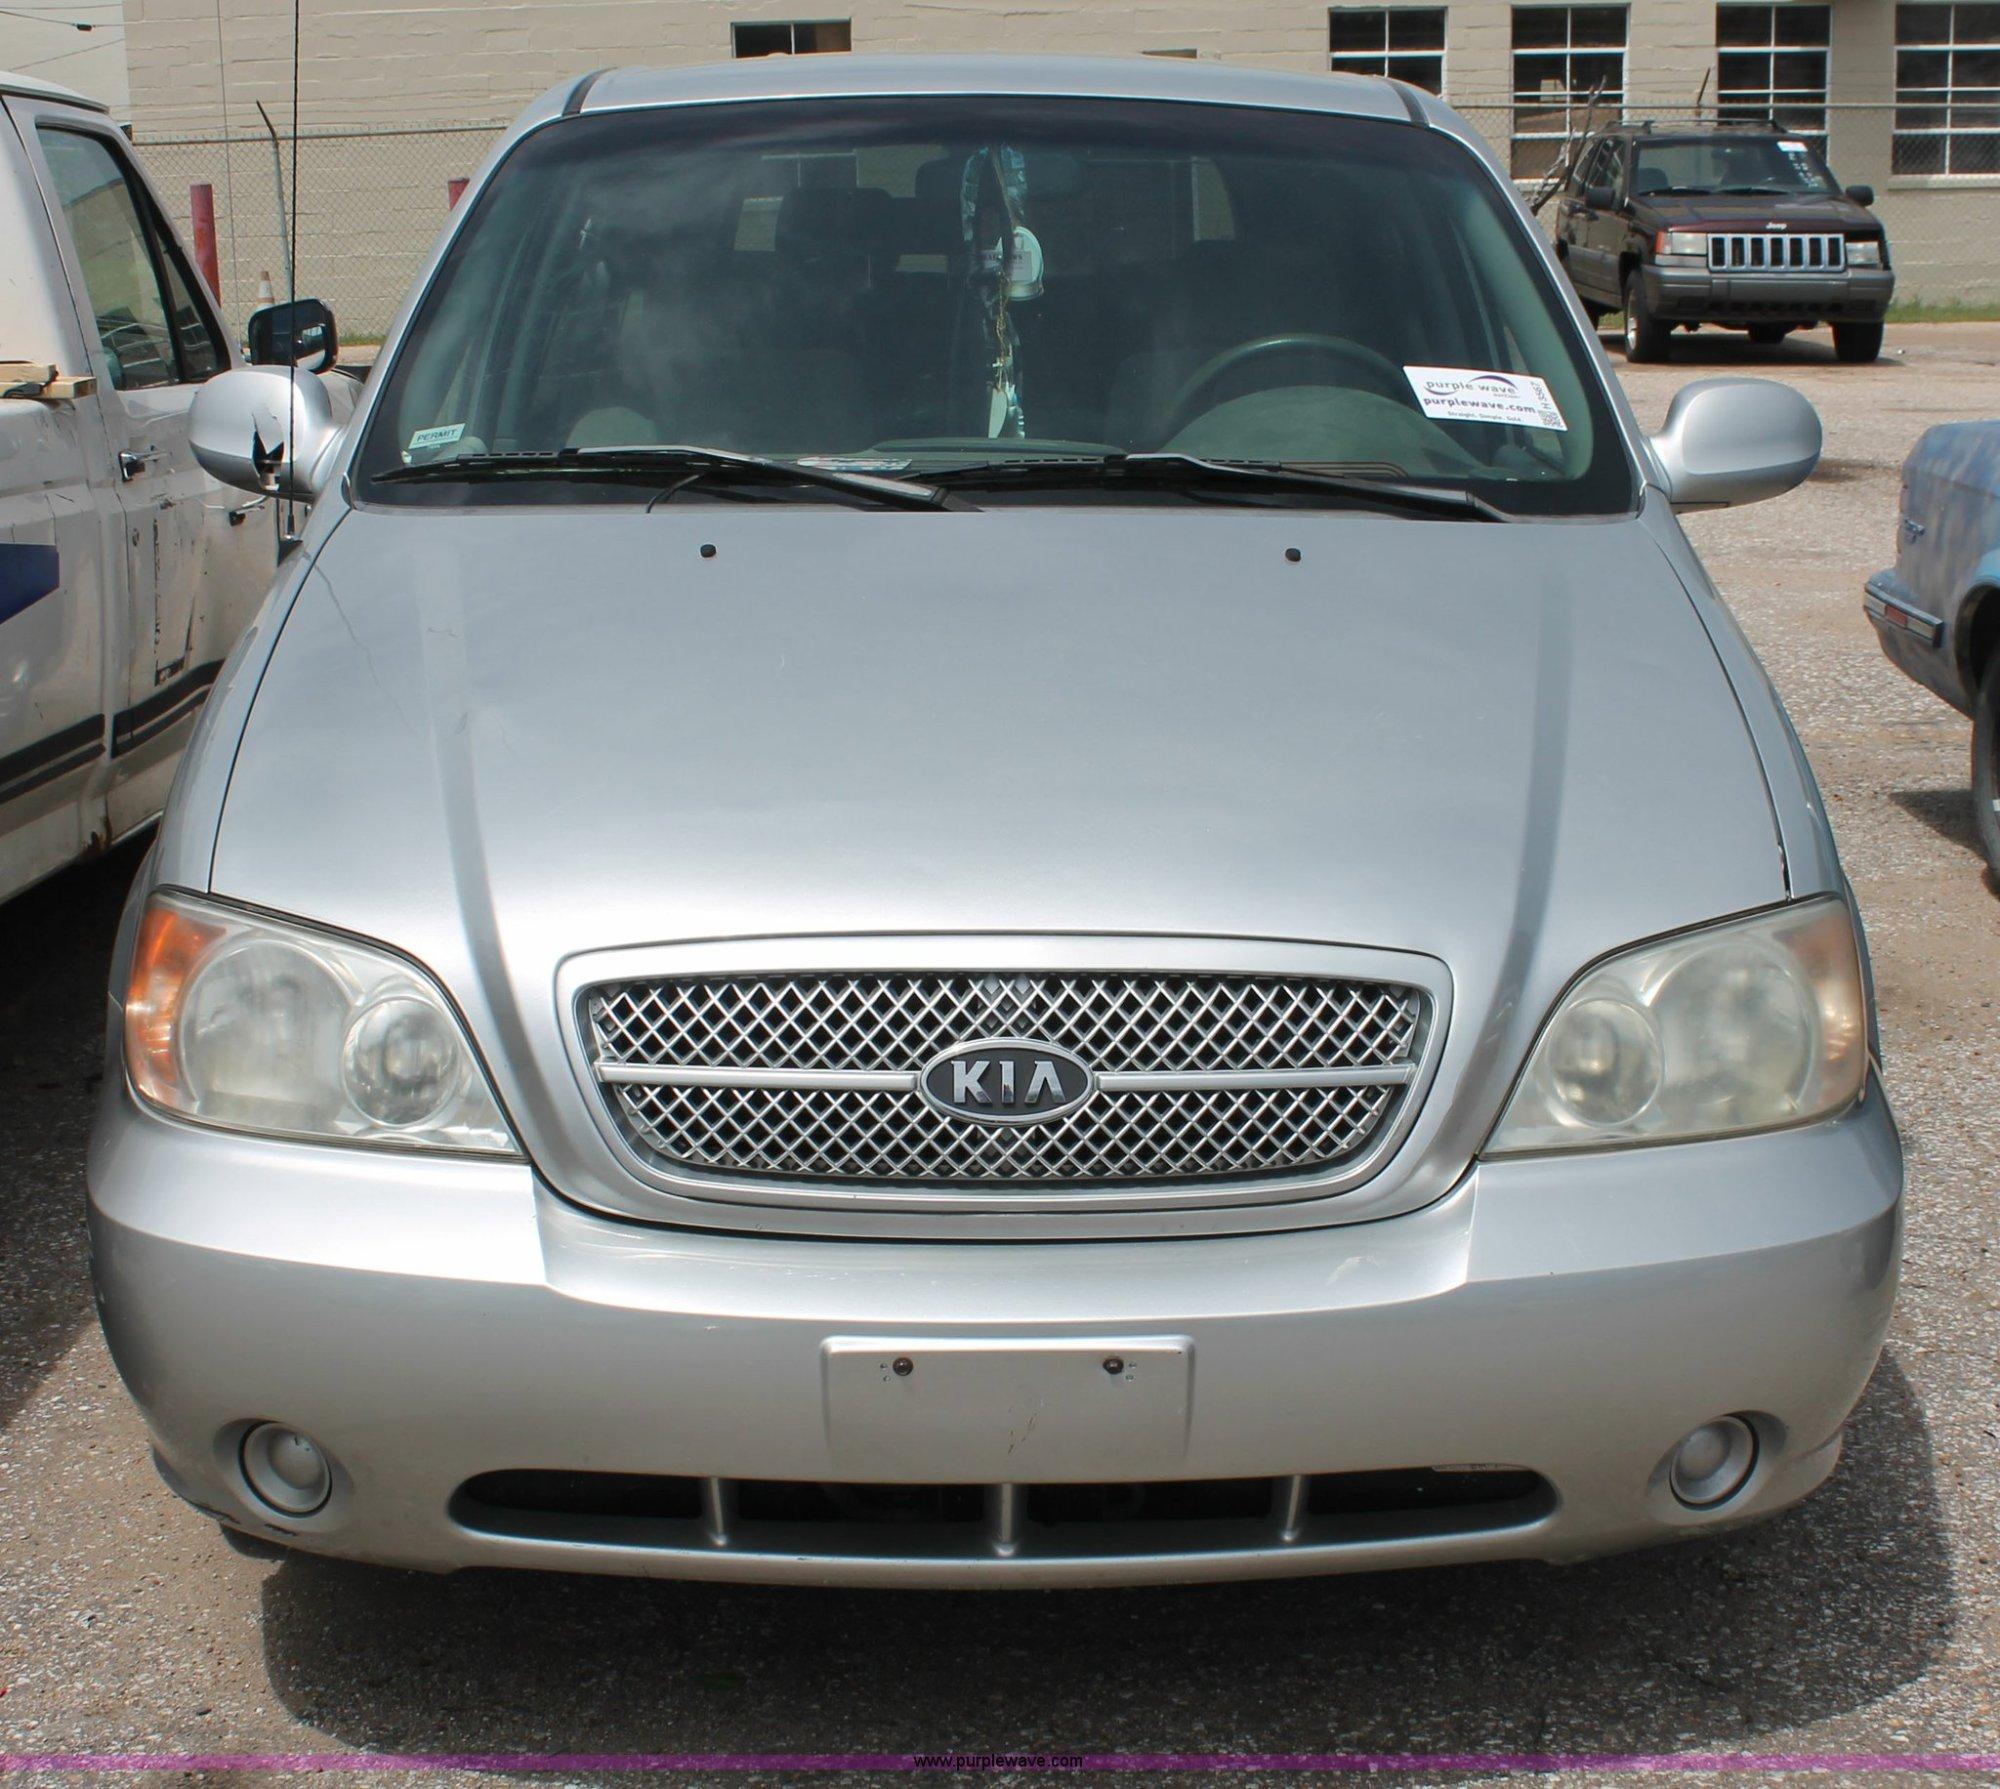 hight resolution of  2004 kia sedona minivan full size in new window